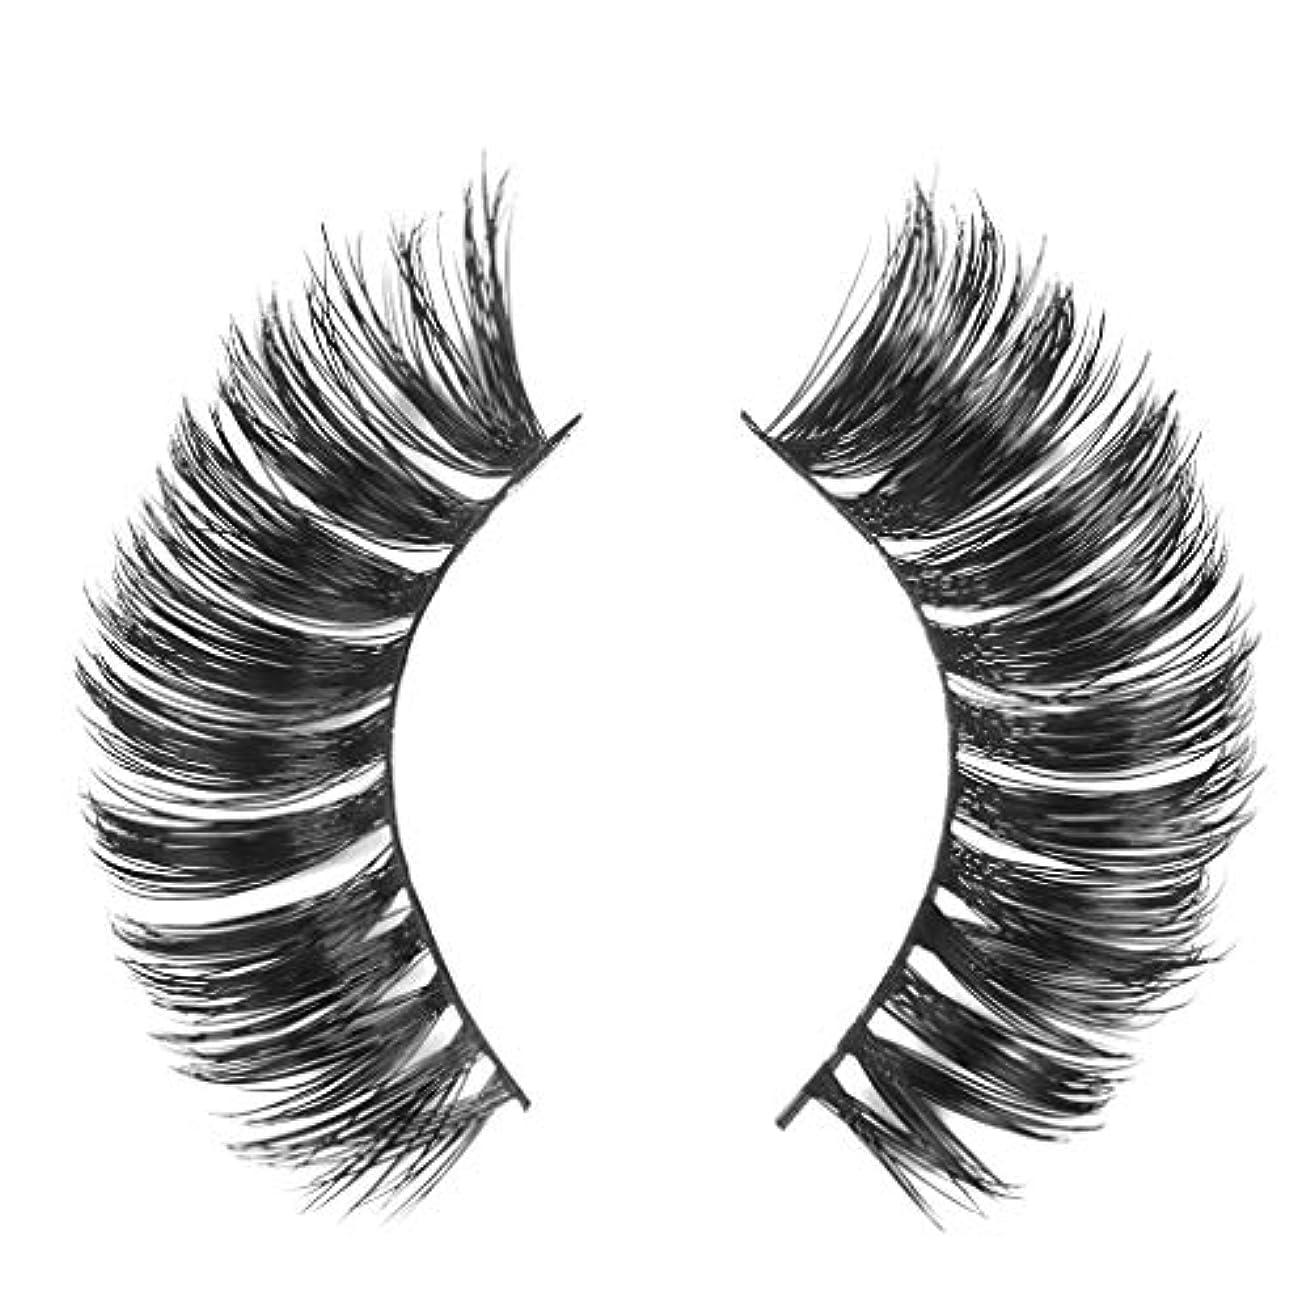 スリット音パワーミンクの毛の自然な厚くなる化粧品の3D版のための一組のまつげ